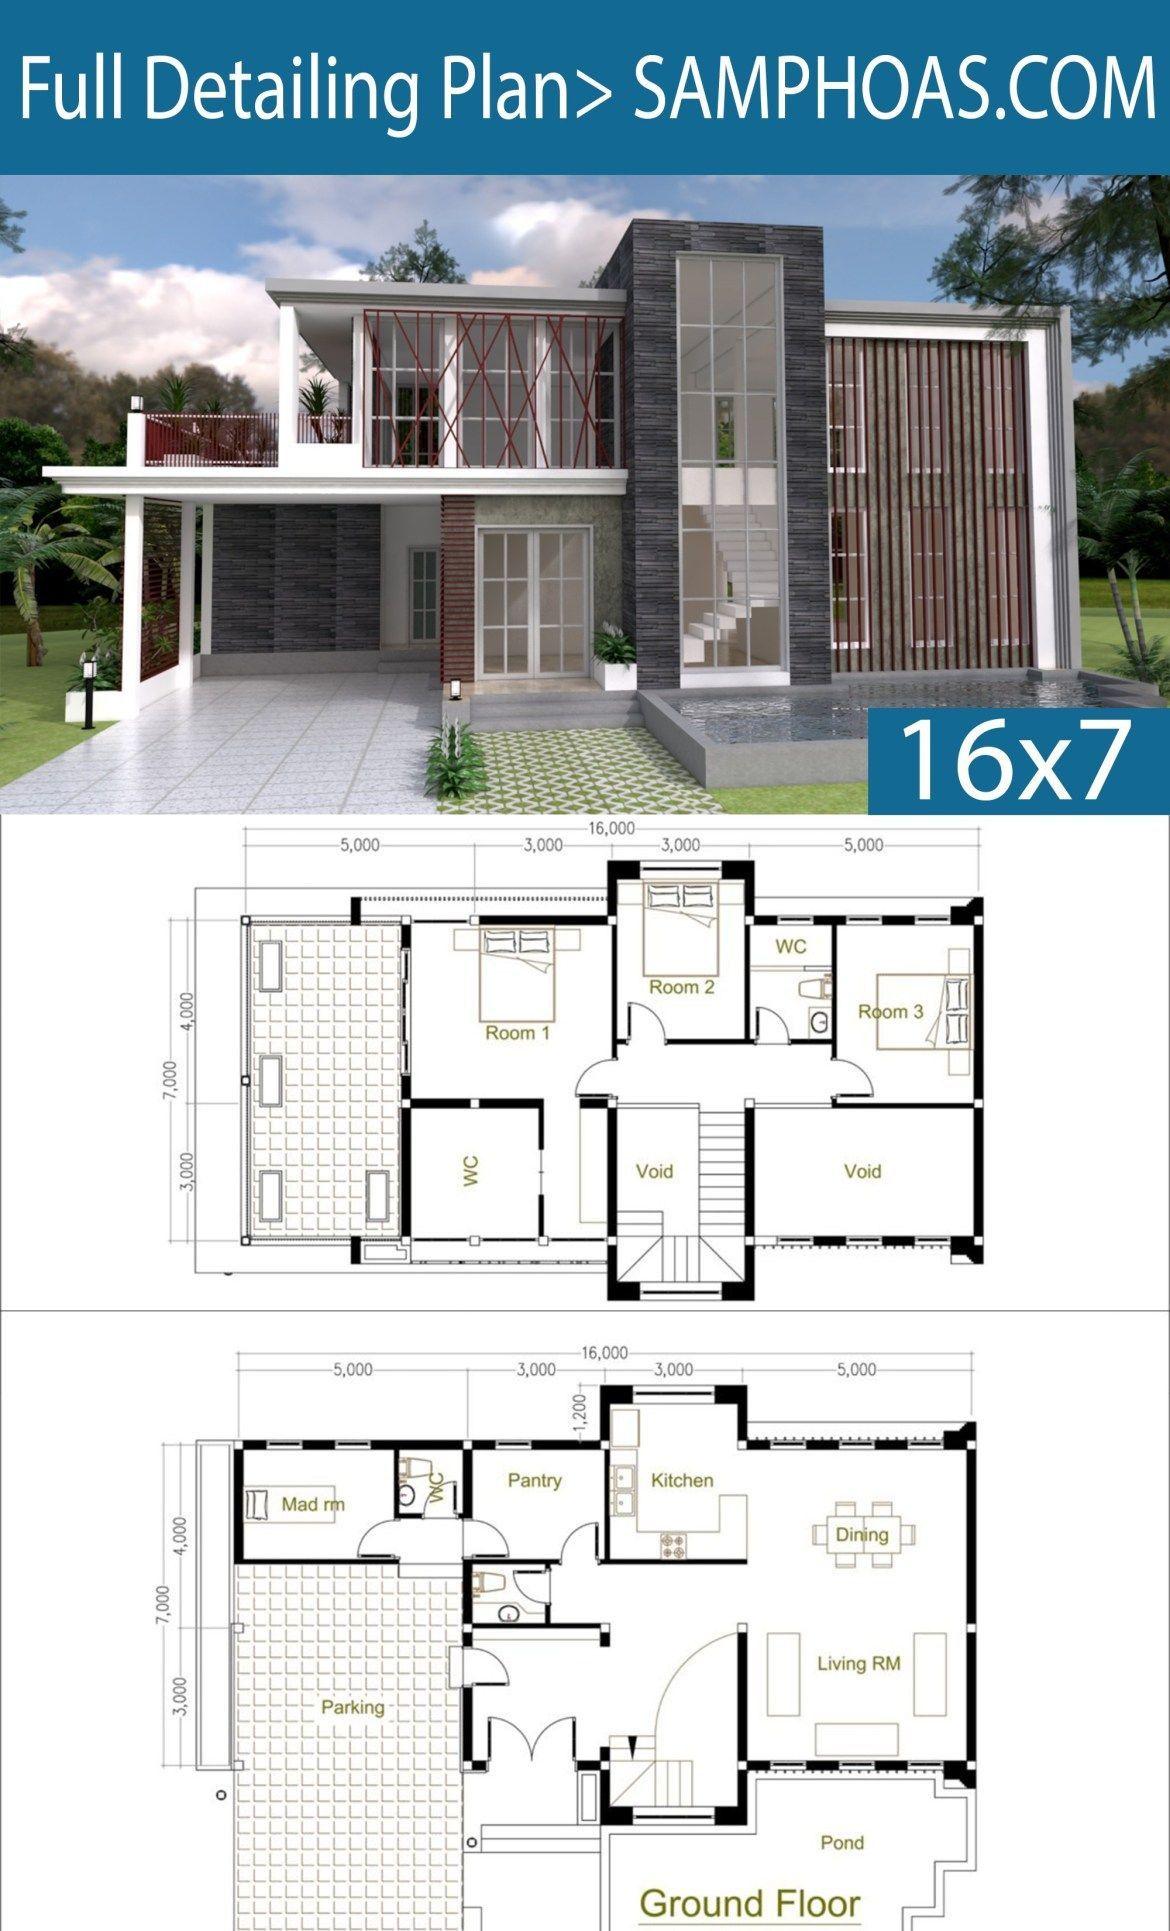 House Building Plans Free 2020 Rumah Modern Denah Lantai Rumah Tata Letak Rumah